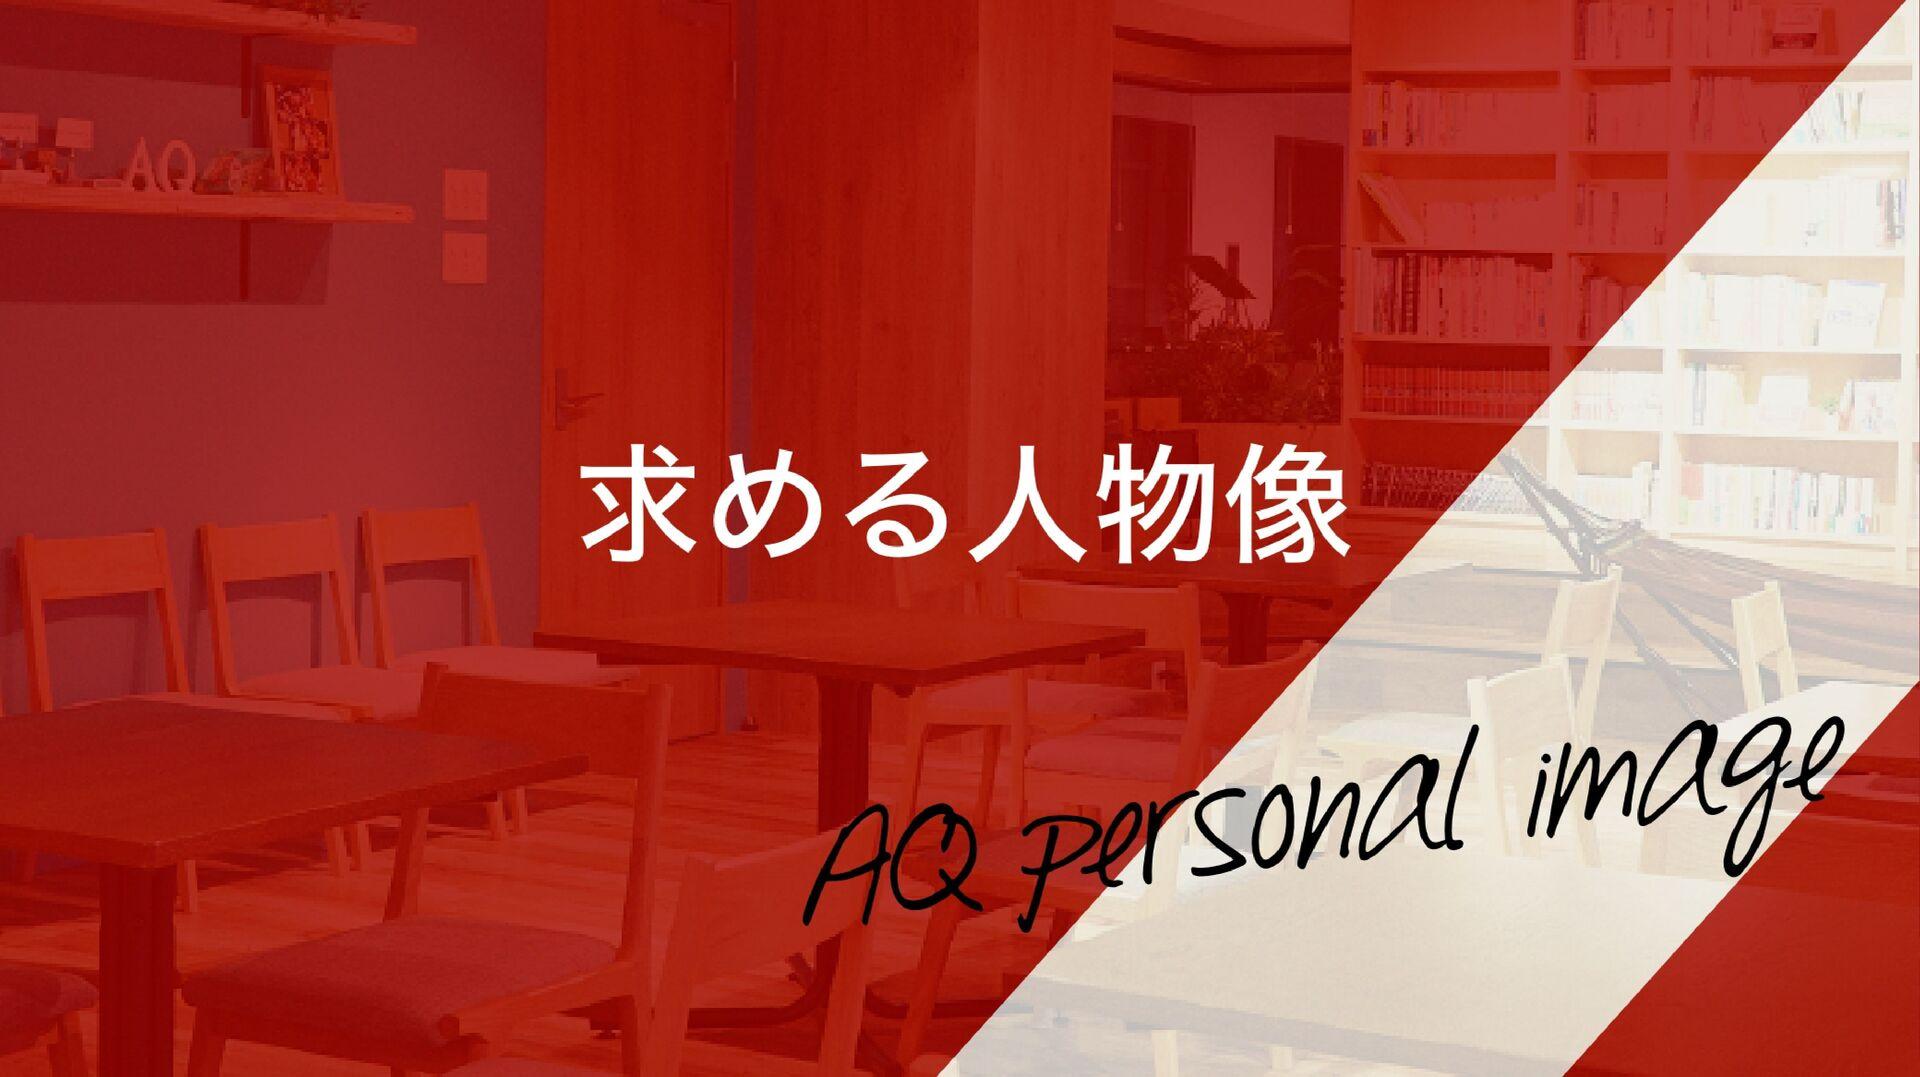 コーポレートサイト asia-quest.jp 採⽤サイト recruit.asia-ques...